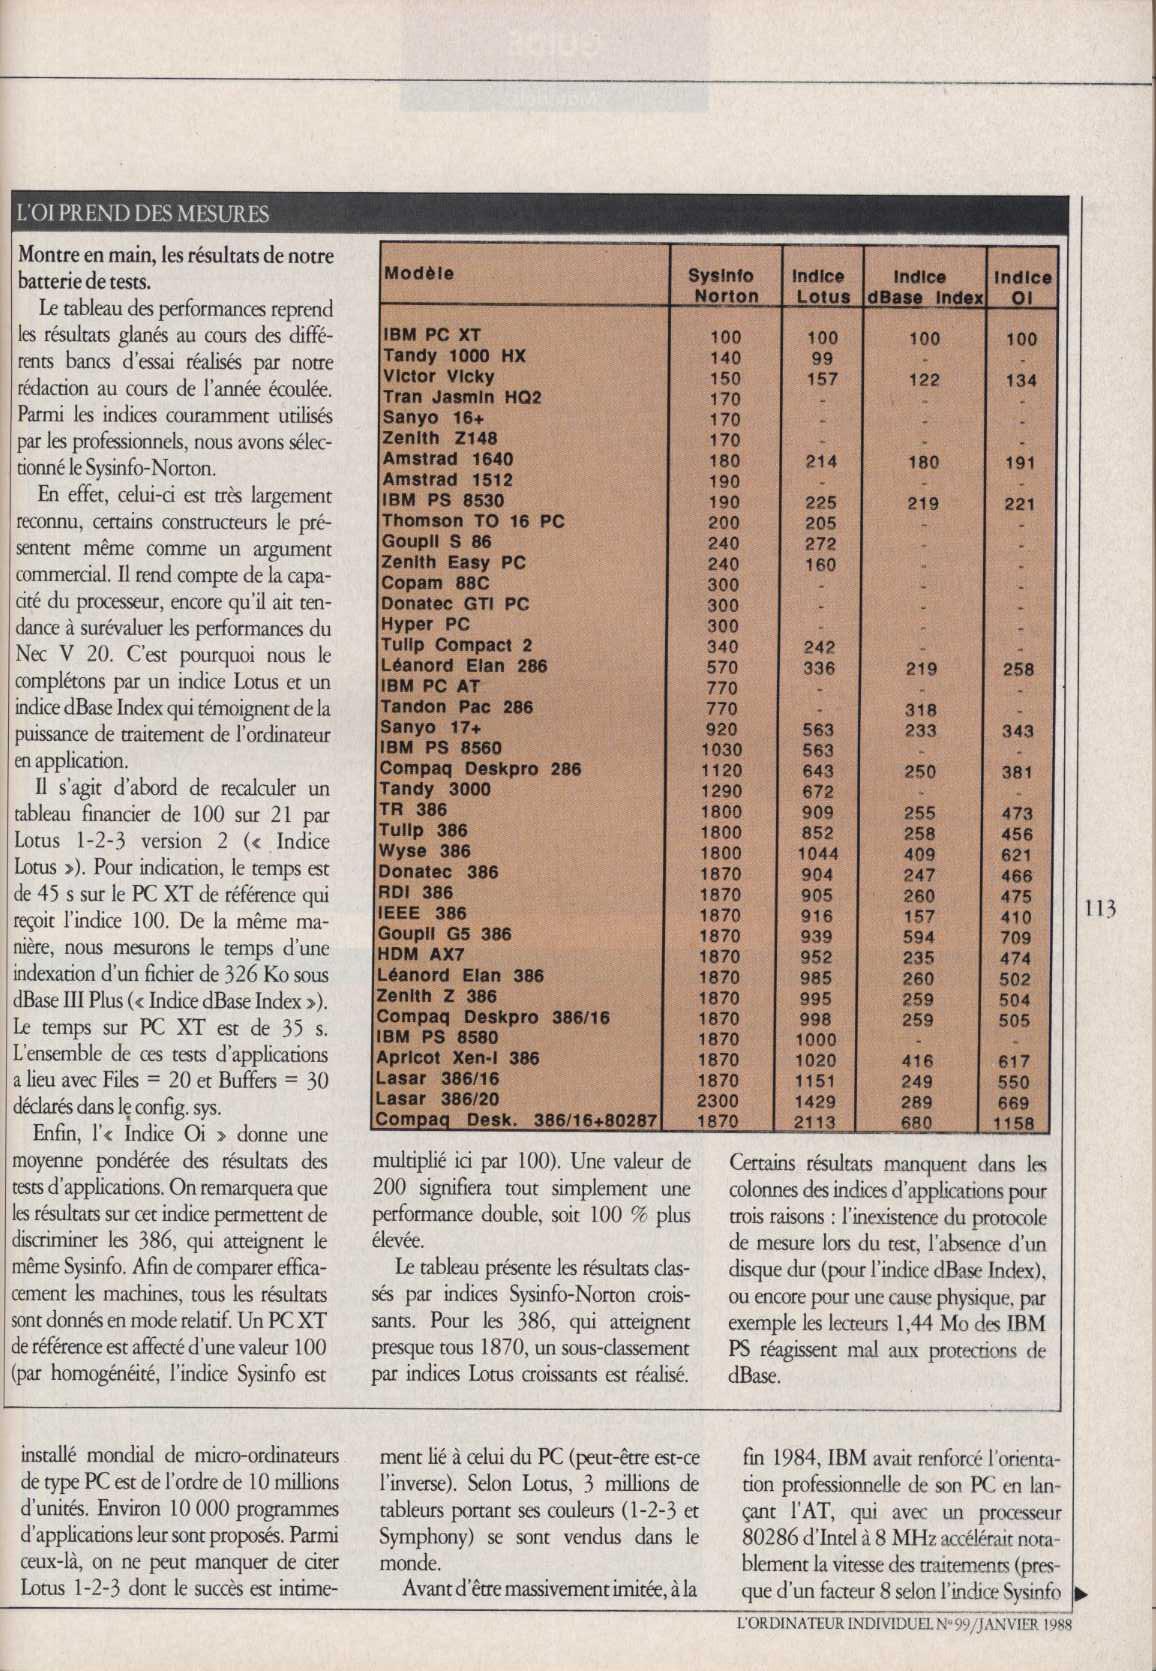 GUERRE ST-AMIGA, FIGHT ! (Mauvaise foi assurée) - Page 10 L%27Ordinateur%20Individuel%20099%20-%20Page%20113%20%281988-01%29